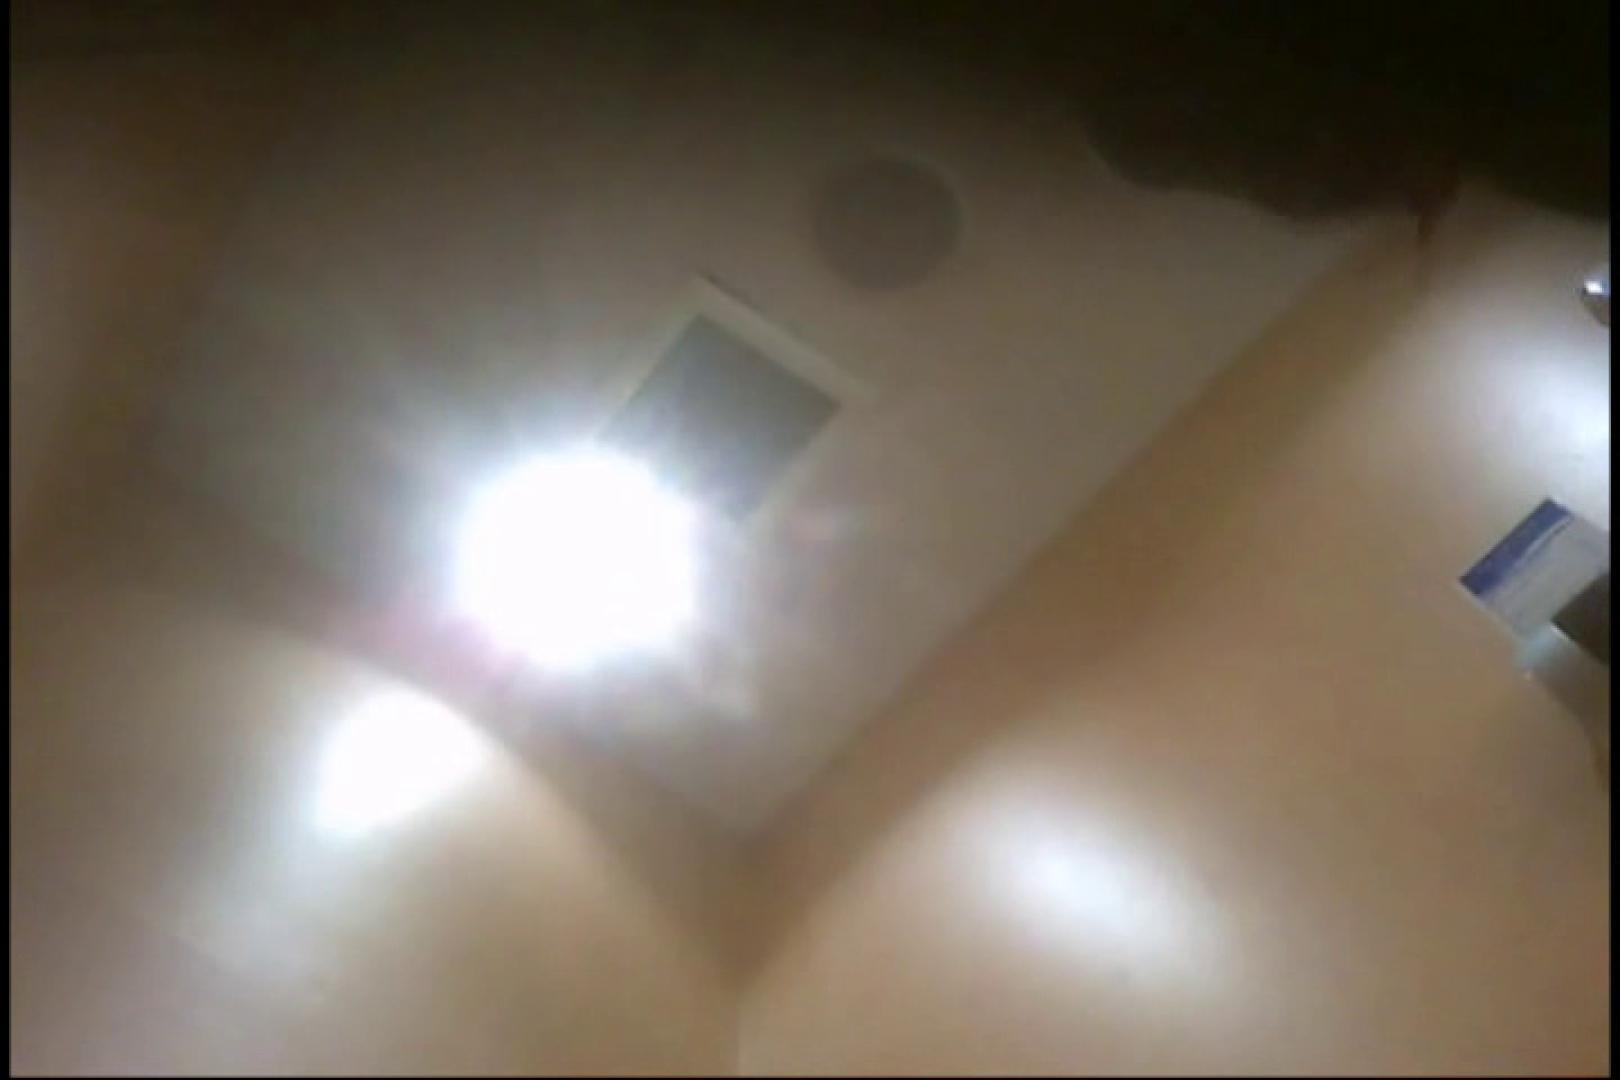 画質向上!新亀さん厠 vol.53 モロだしオマンコ 盗み撮り動画キャプチャ 73pic 40